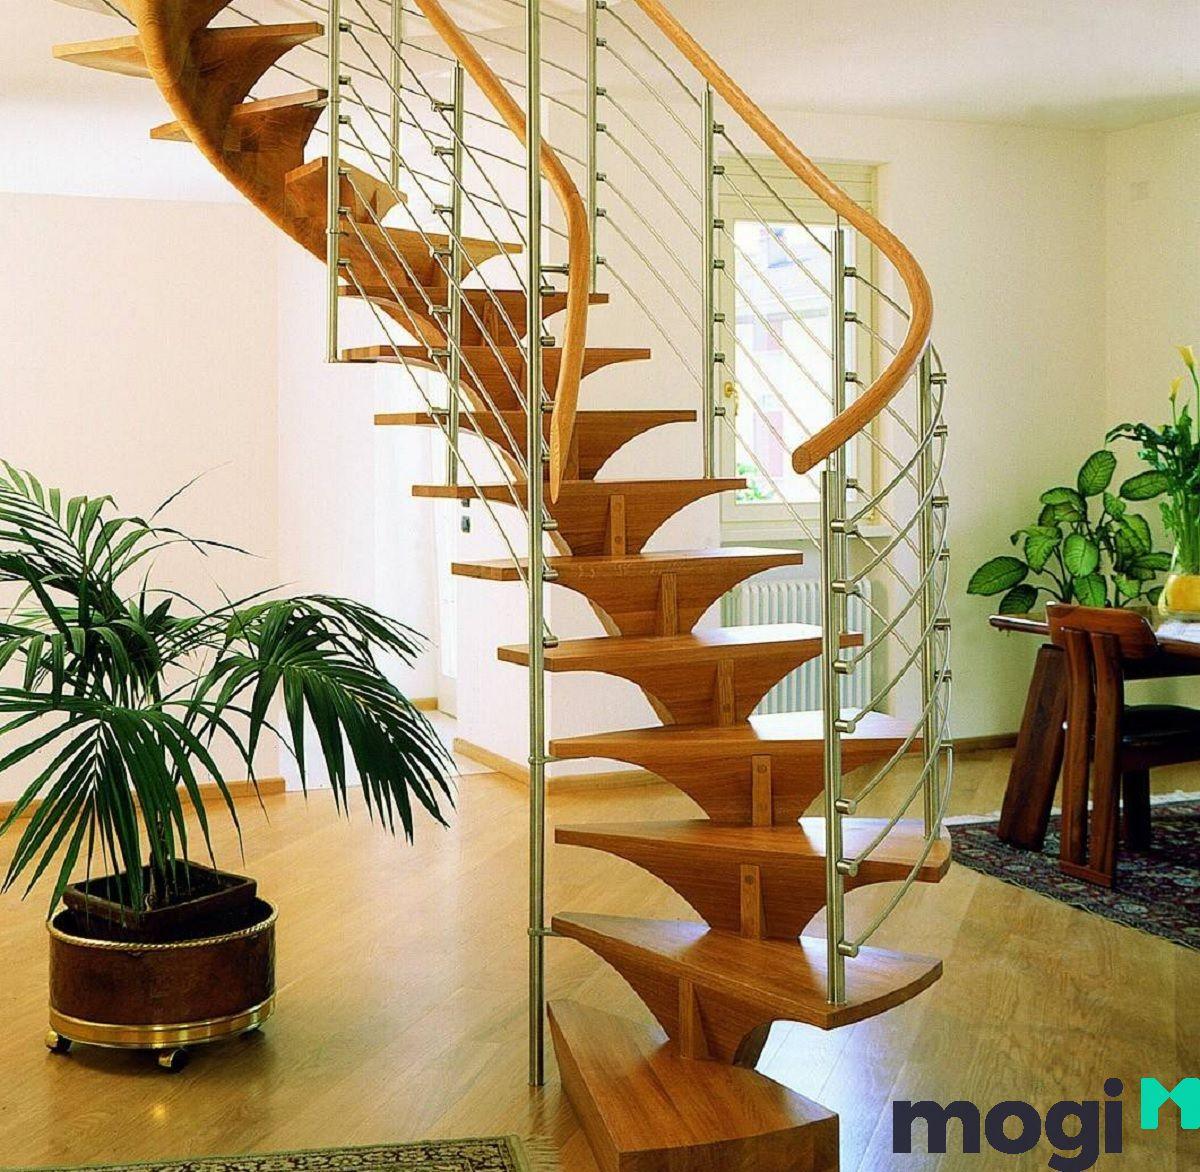 Nếu bạn chọn cầu thang từ chất liệu này, nó sẽ tạo điểm nhấn cho không gian nhà của bạn.